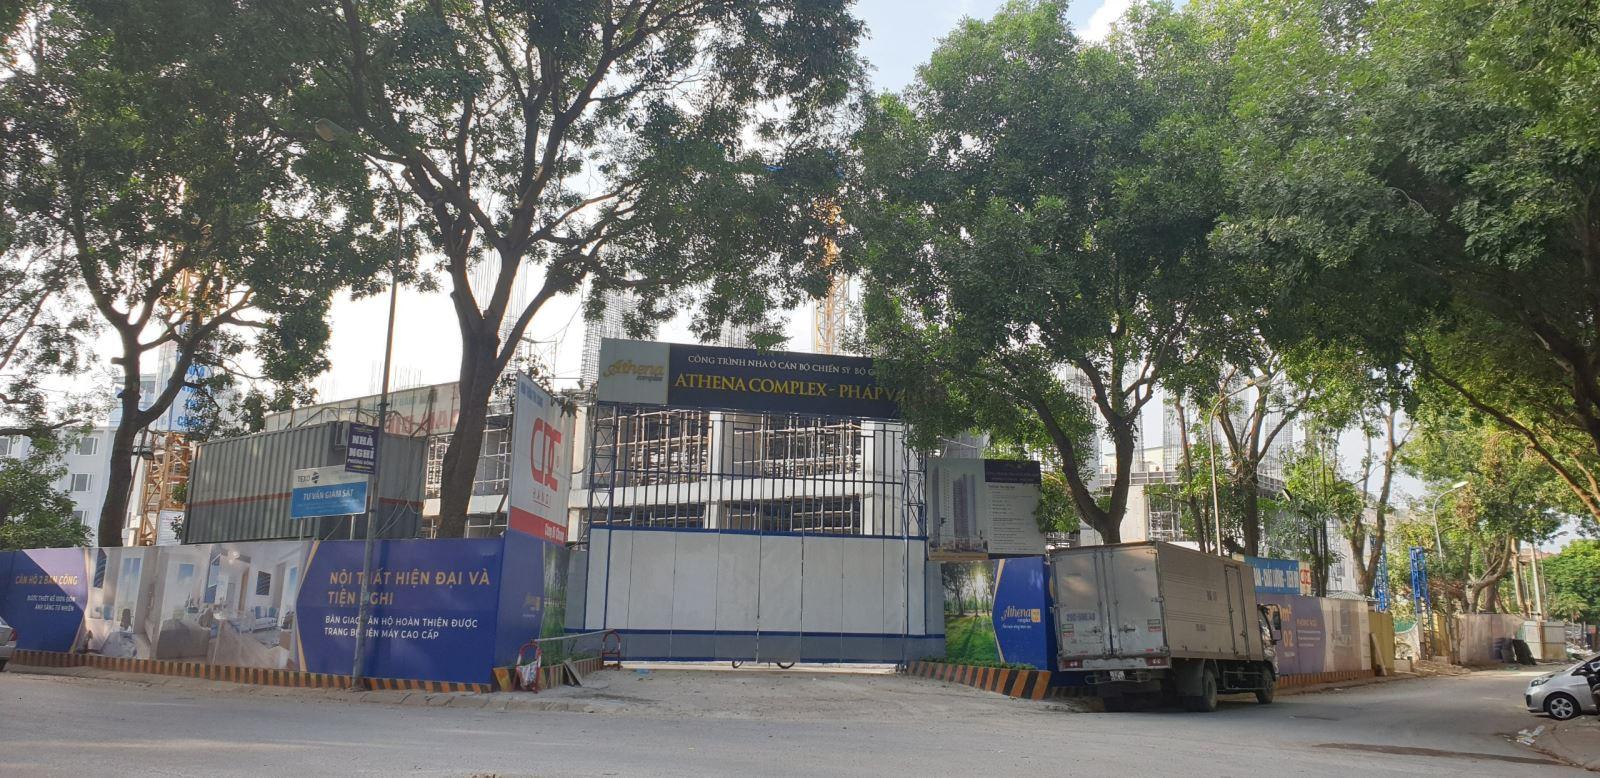 Chủ đầu tư Athena Complex Pháp Vân bán 'chui' hàng trăm căn hộ giữa Thủ đô, người mua nhà kêu cứu - 1